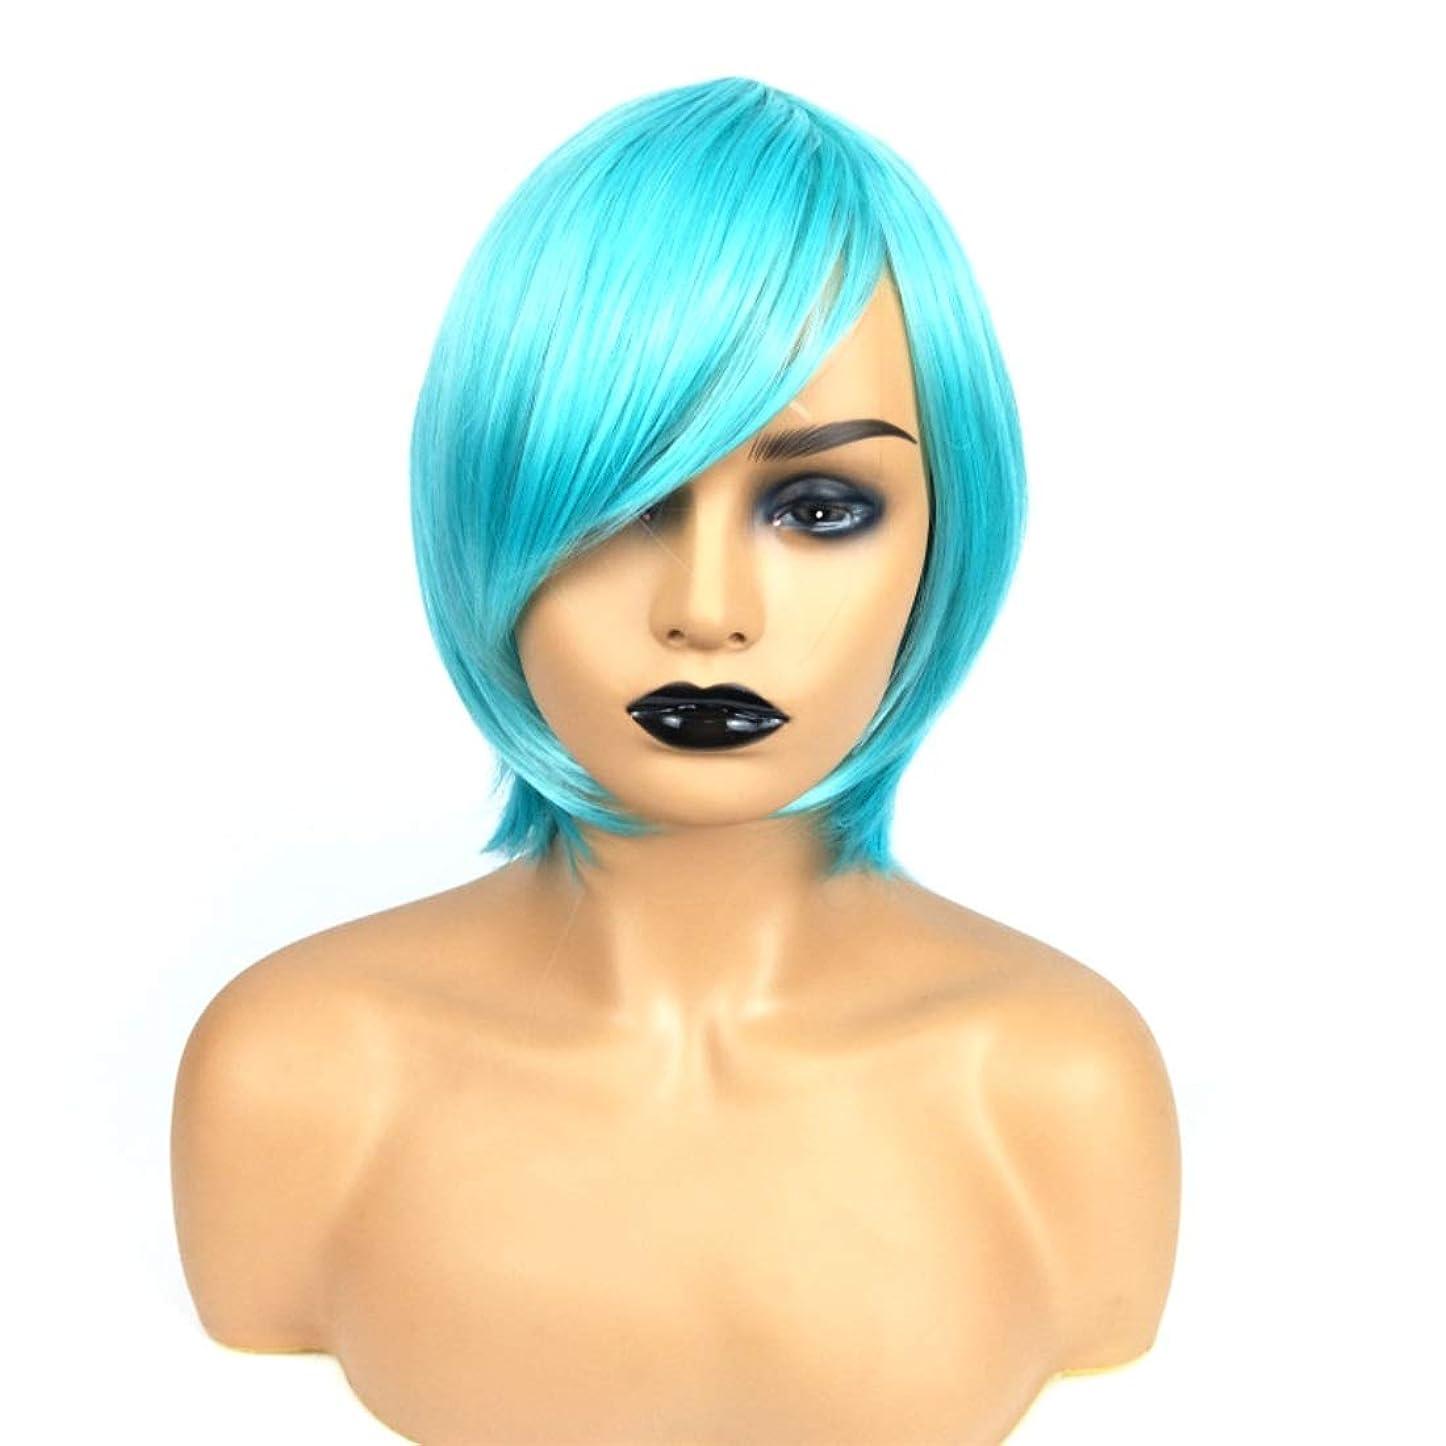 のために視力してはいけませんSummerys ライトブルーのショートストレートヘアショートボブヘアウィッグストレート前髪と女性用